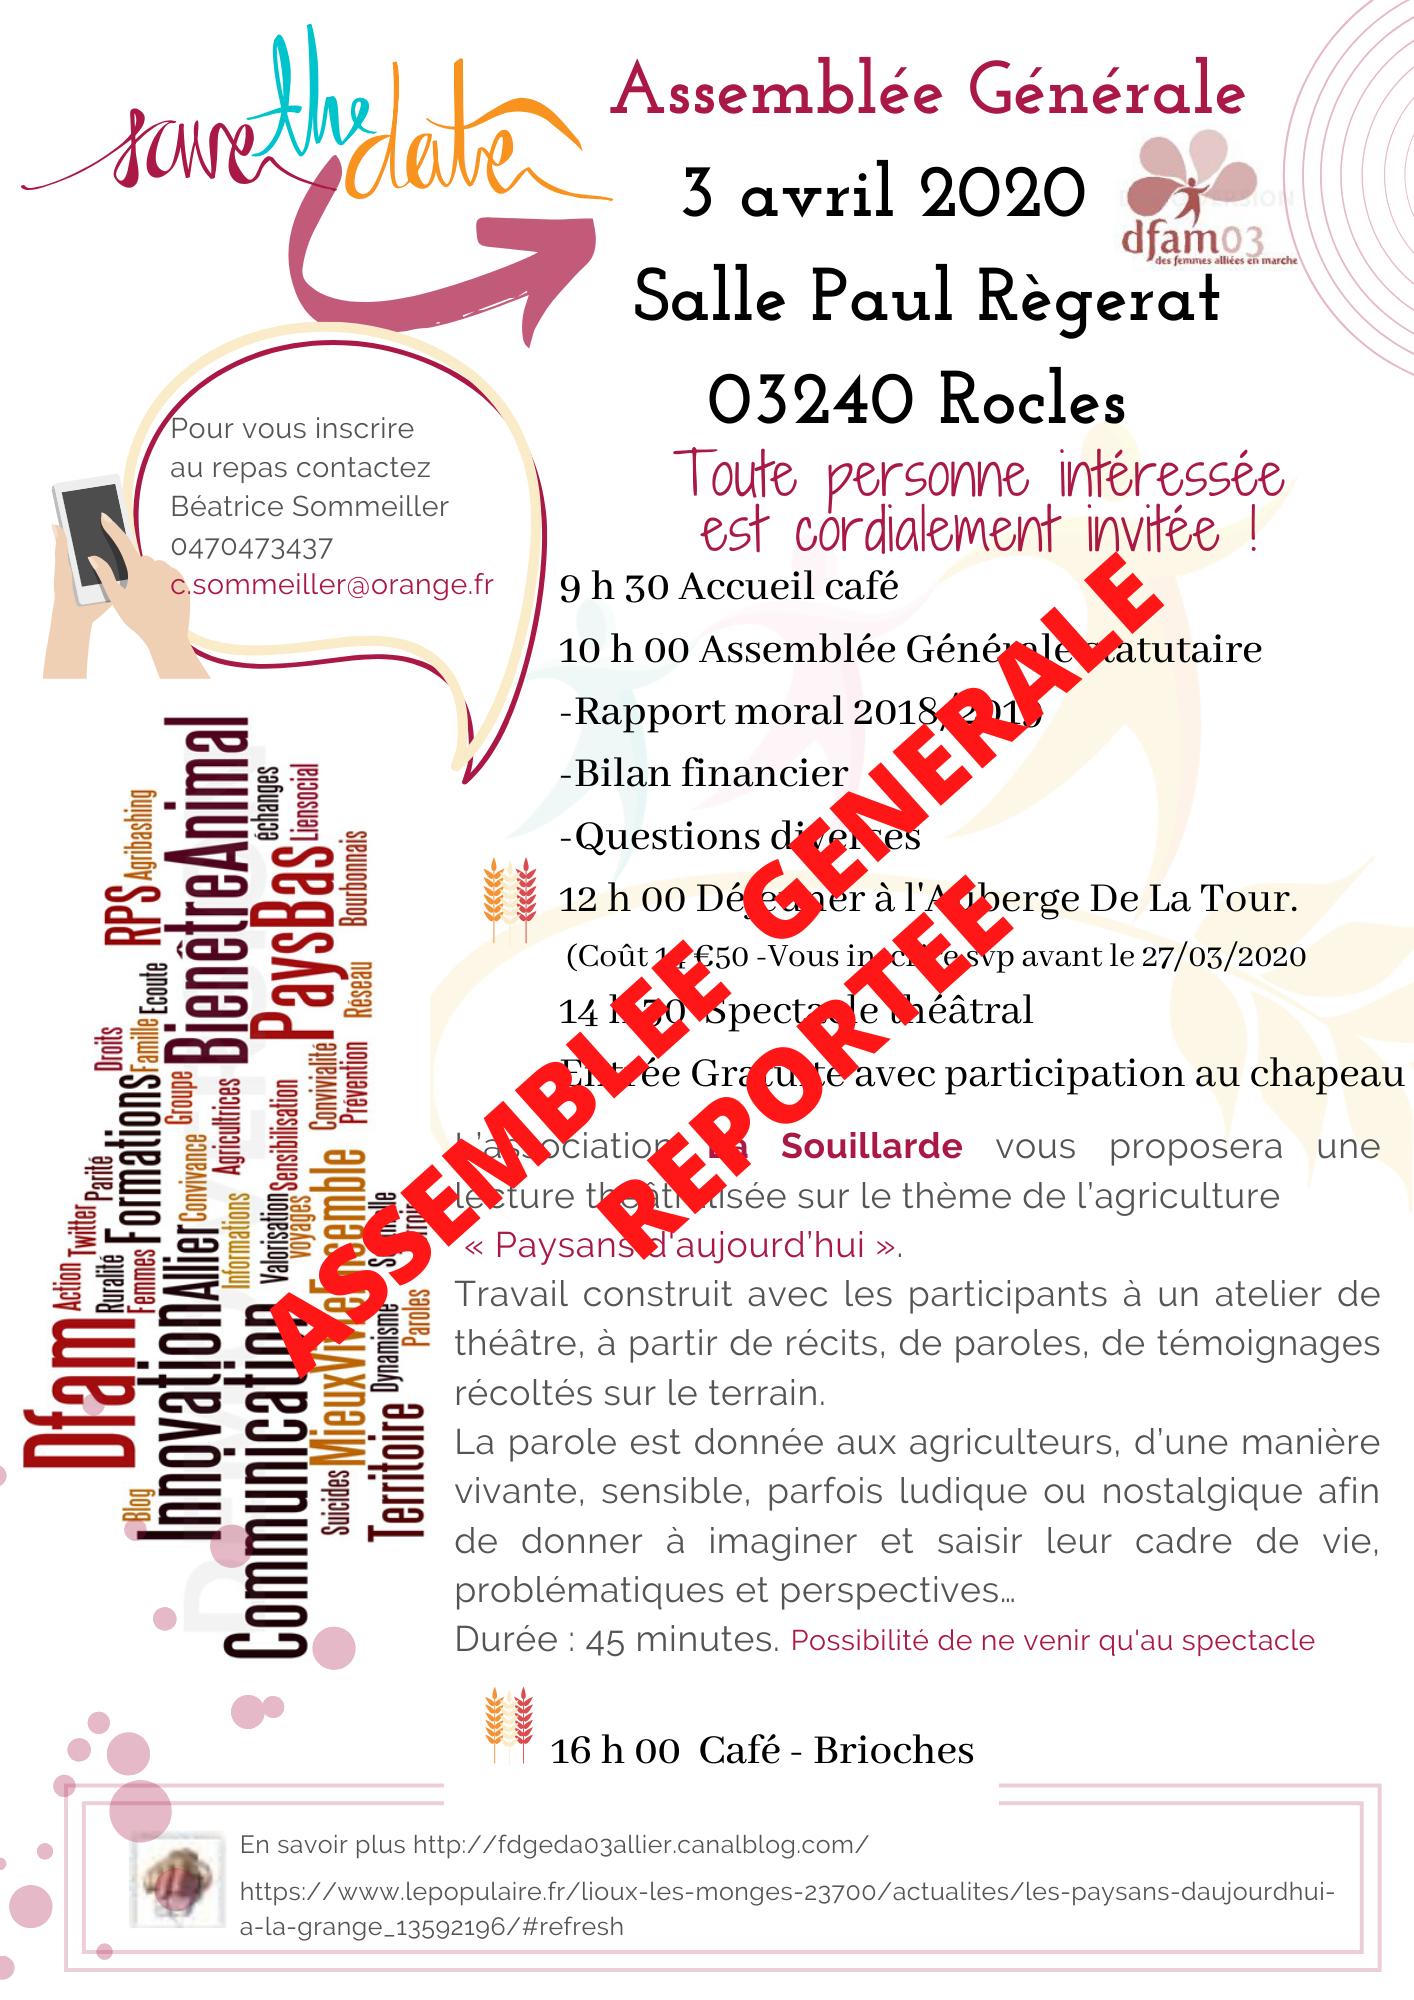 Assemblée Générale REPORTÉE